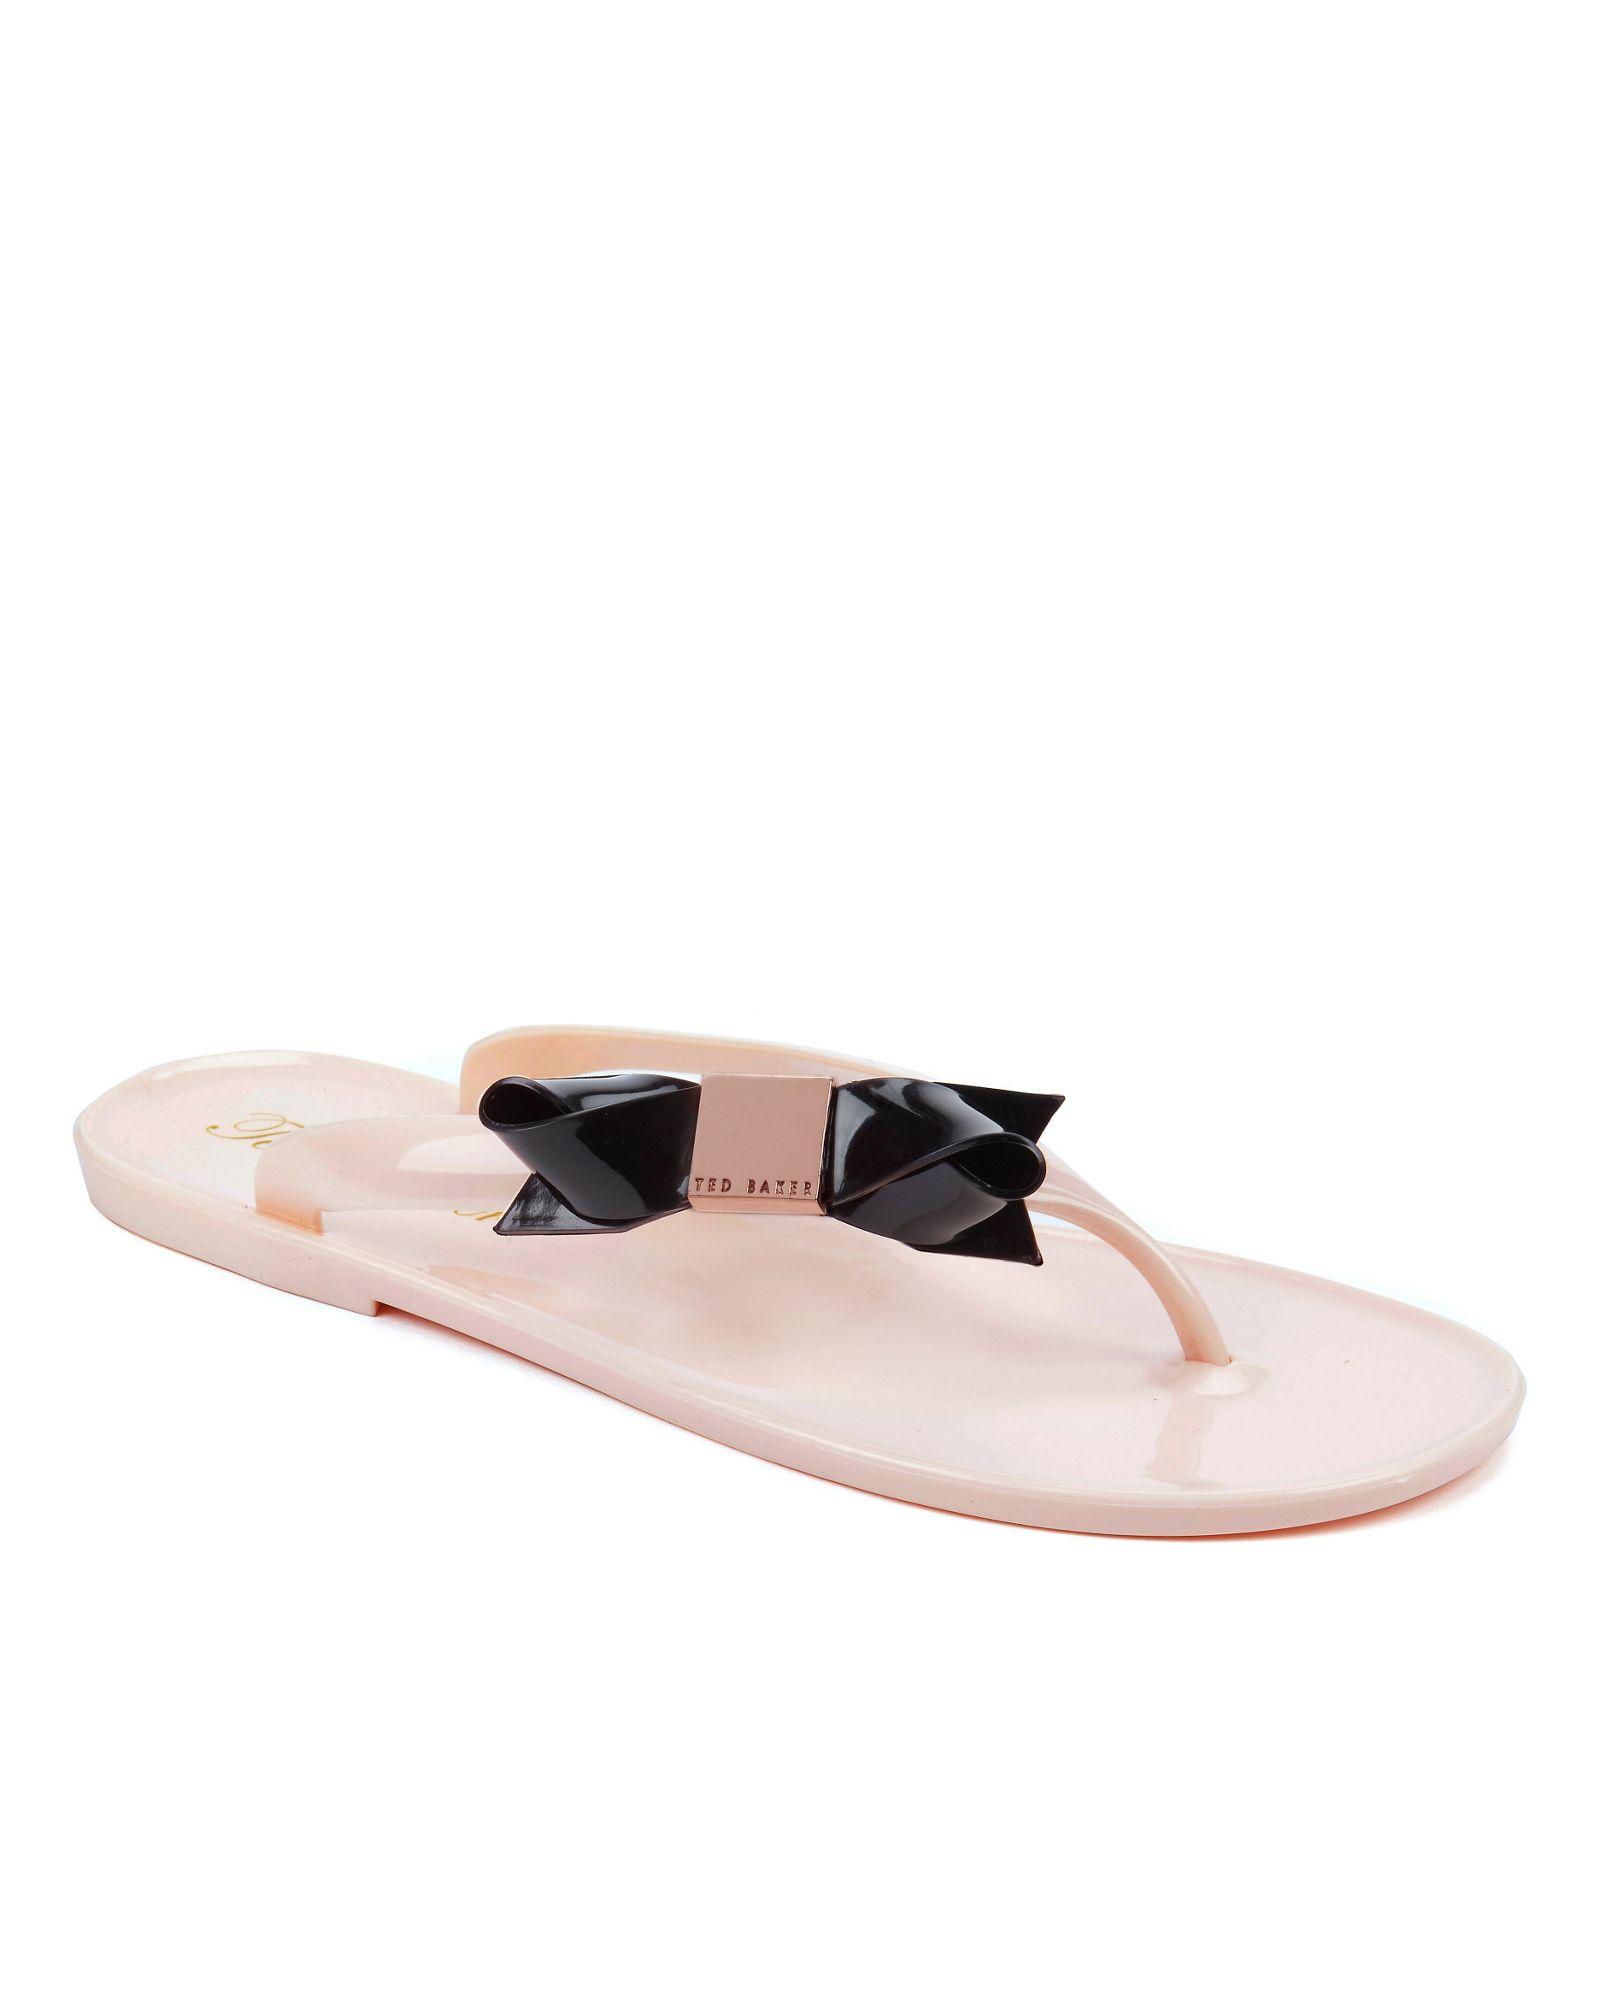 99498311d5d00 Ted Baker Polee Bow Flip Flop in Black - Lyst